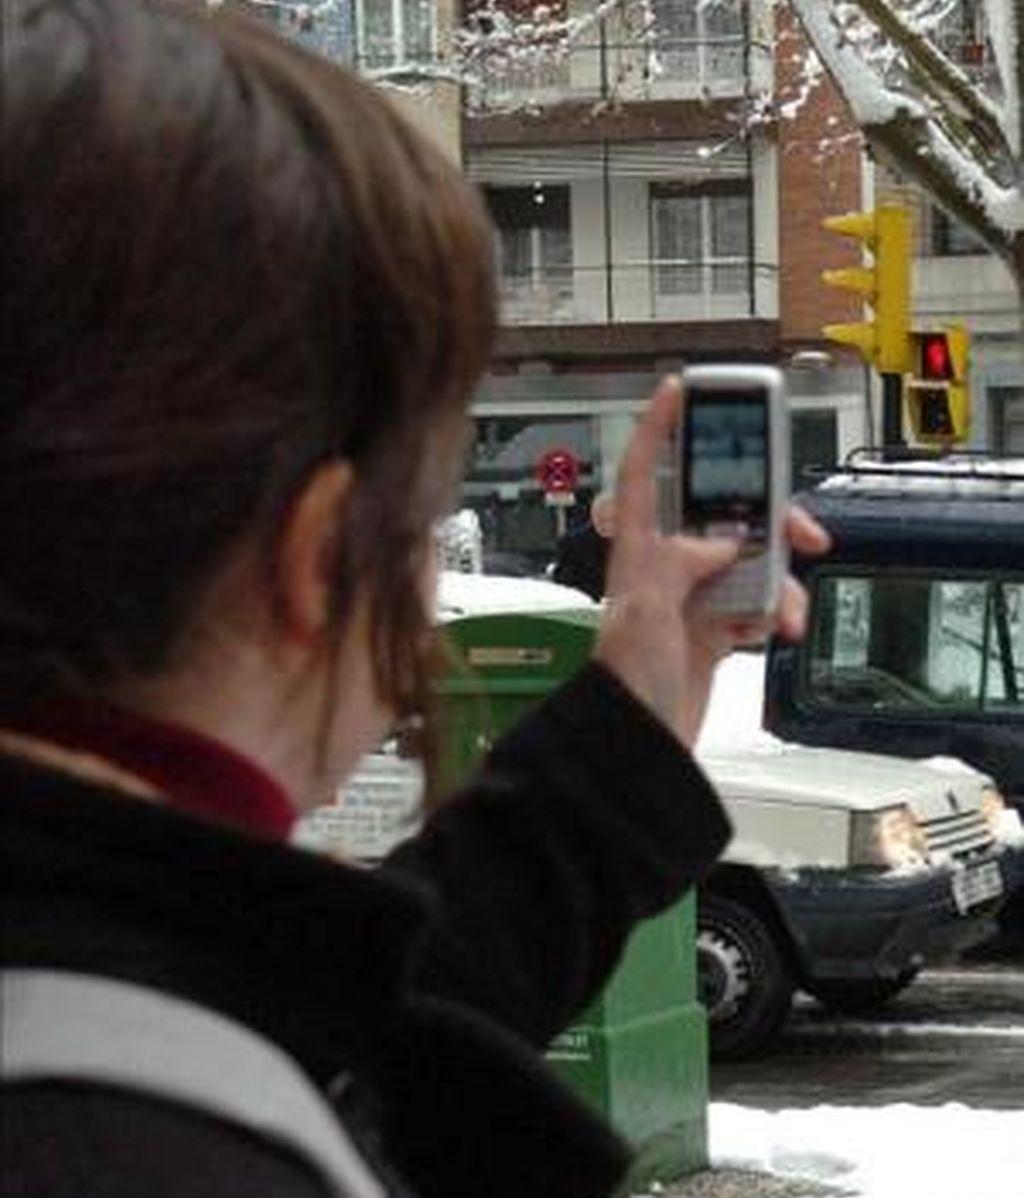 Una joven fotografía con su teléfono móvil. EFE/Archivo